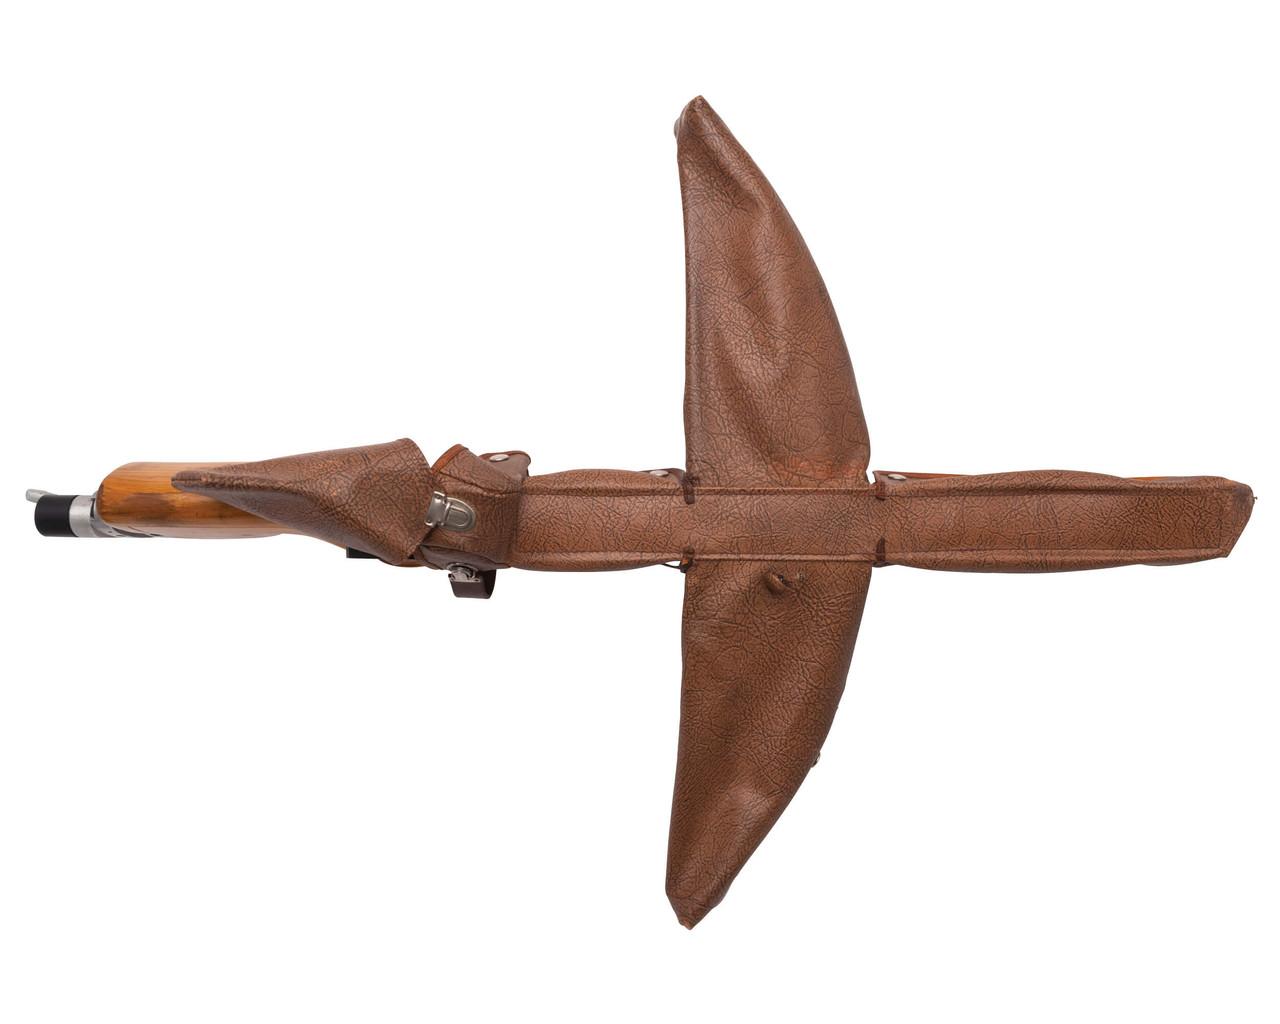 Winzeler 30 Meter Match Crossbow - sn 6040